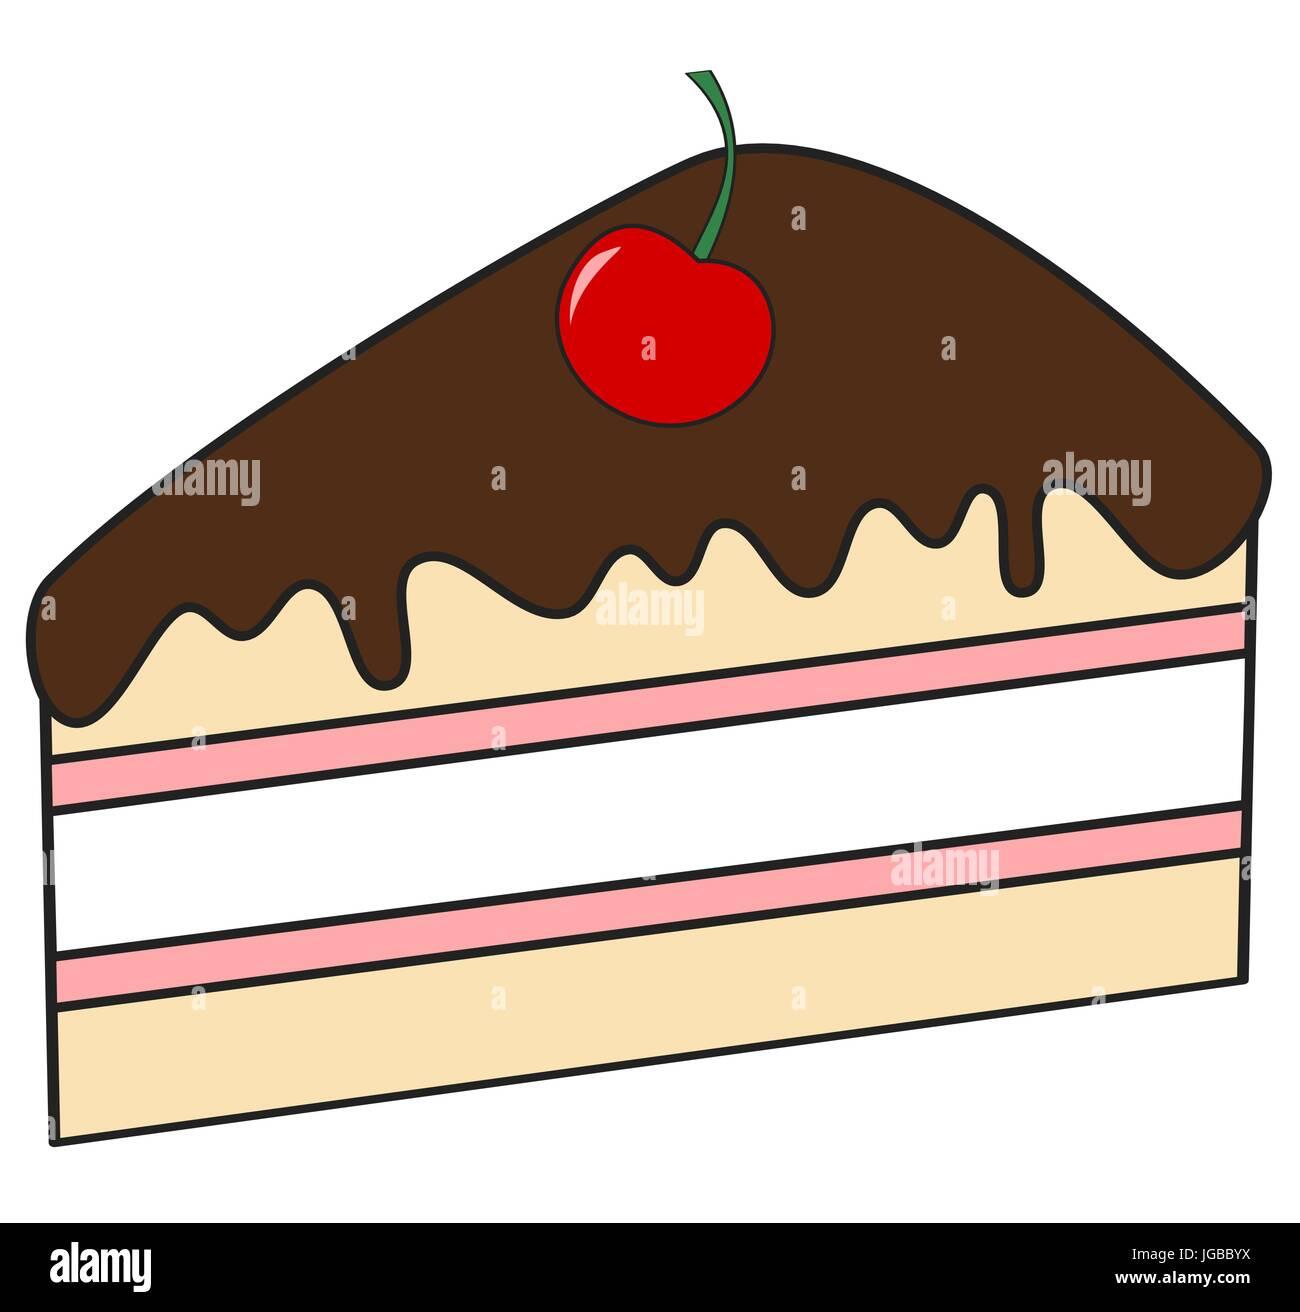 Niedlichen Cartoon Stuck Kuchen Mit Schokolade Und Kirschen Vektor